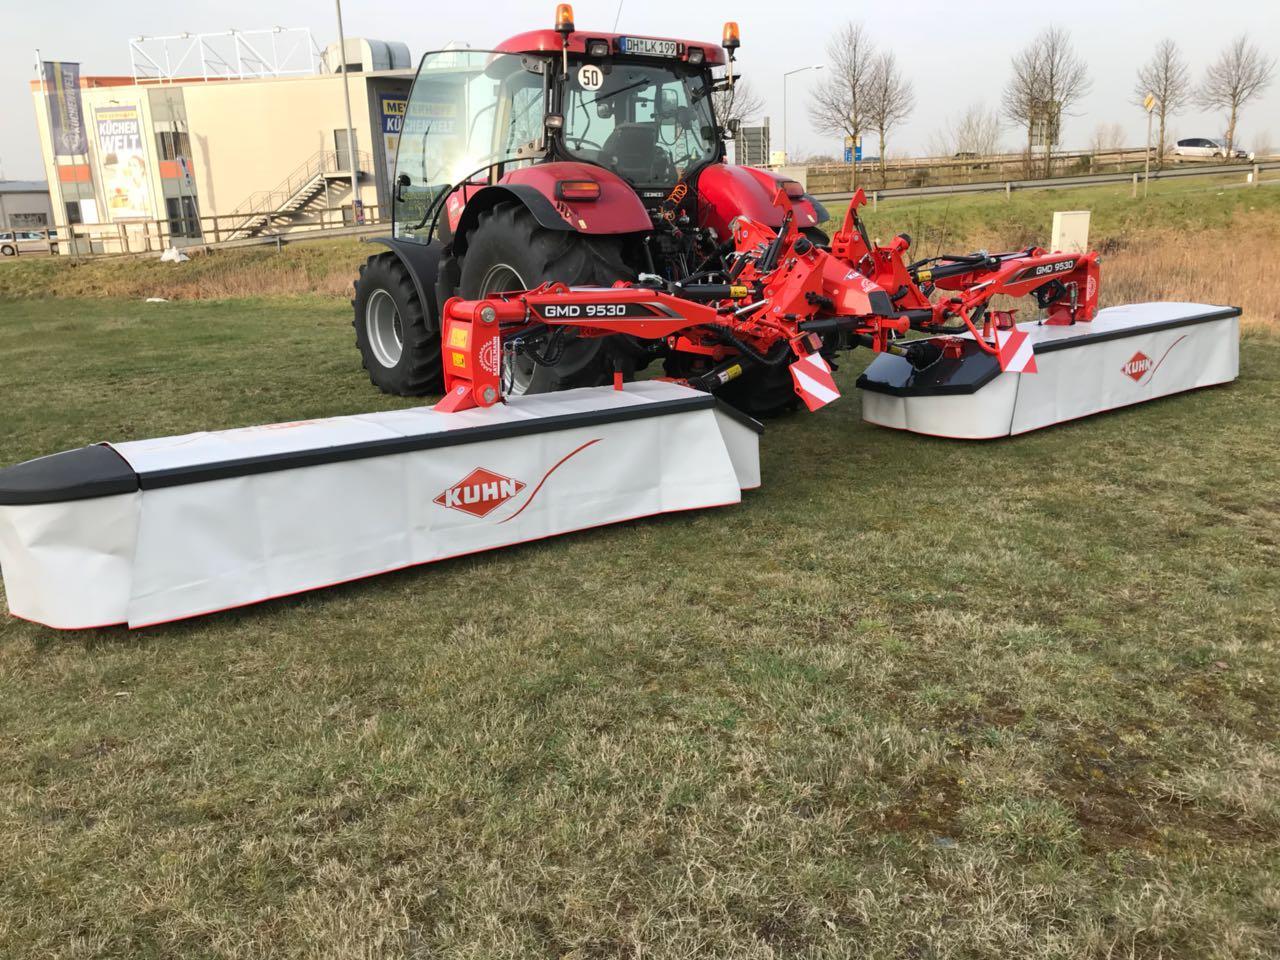 Kuhn GMD 9530- Neumaschine